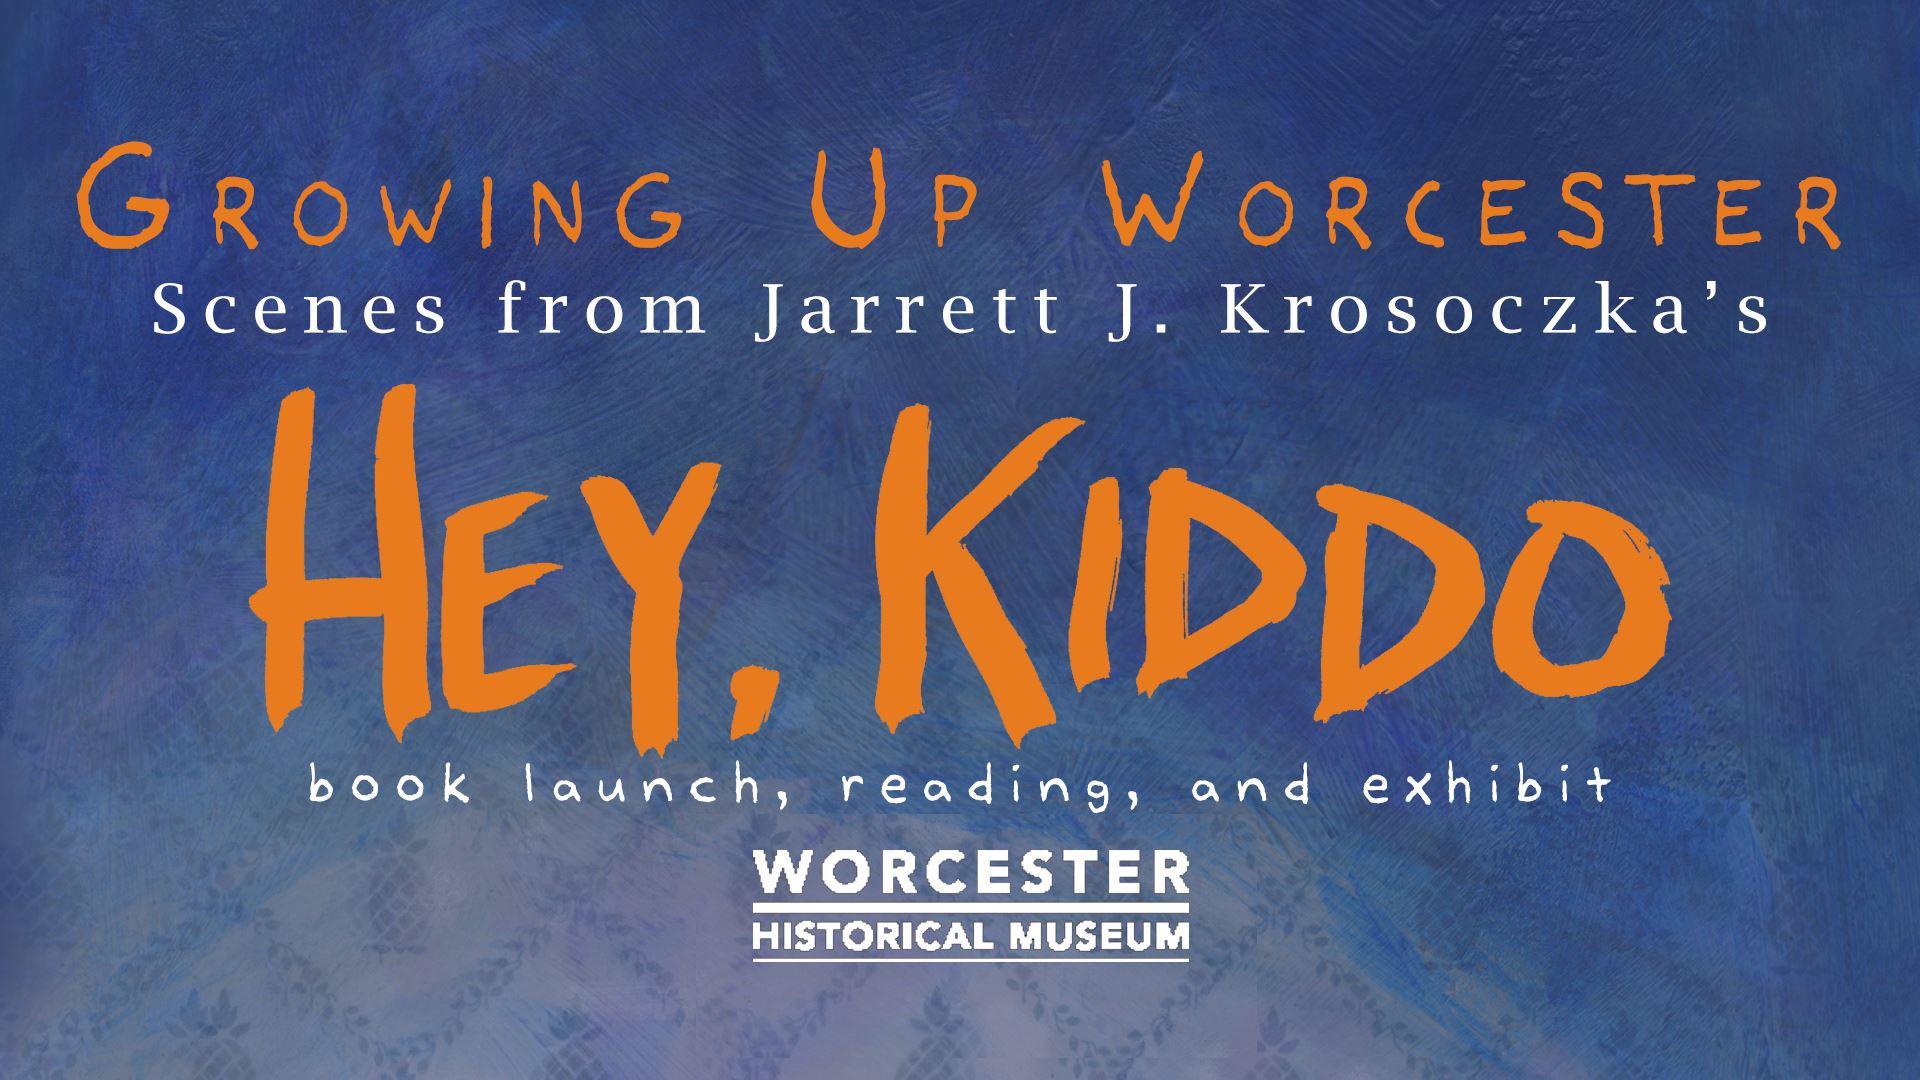 GROWING UP WORCESTER: Scenes from Jarrett J. Krosoczka's Hey, Kiddo